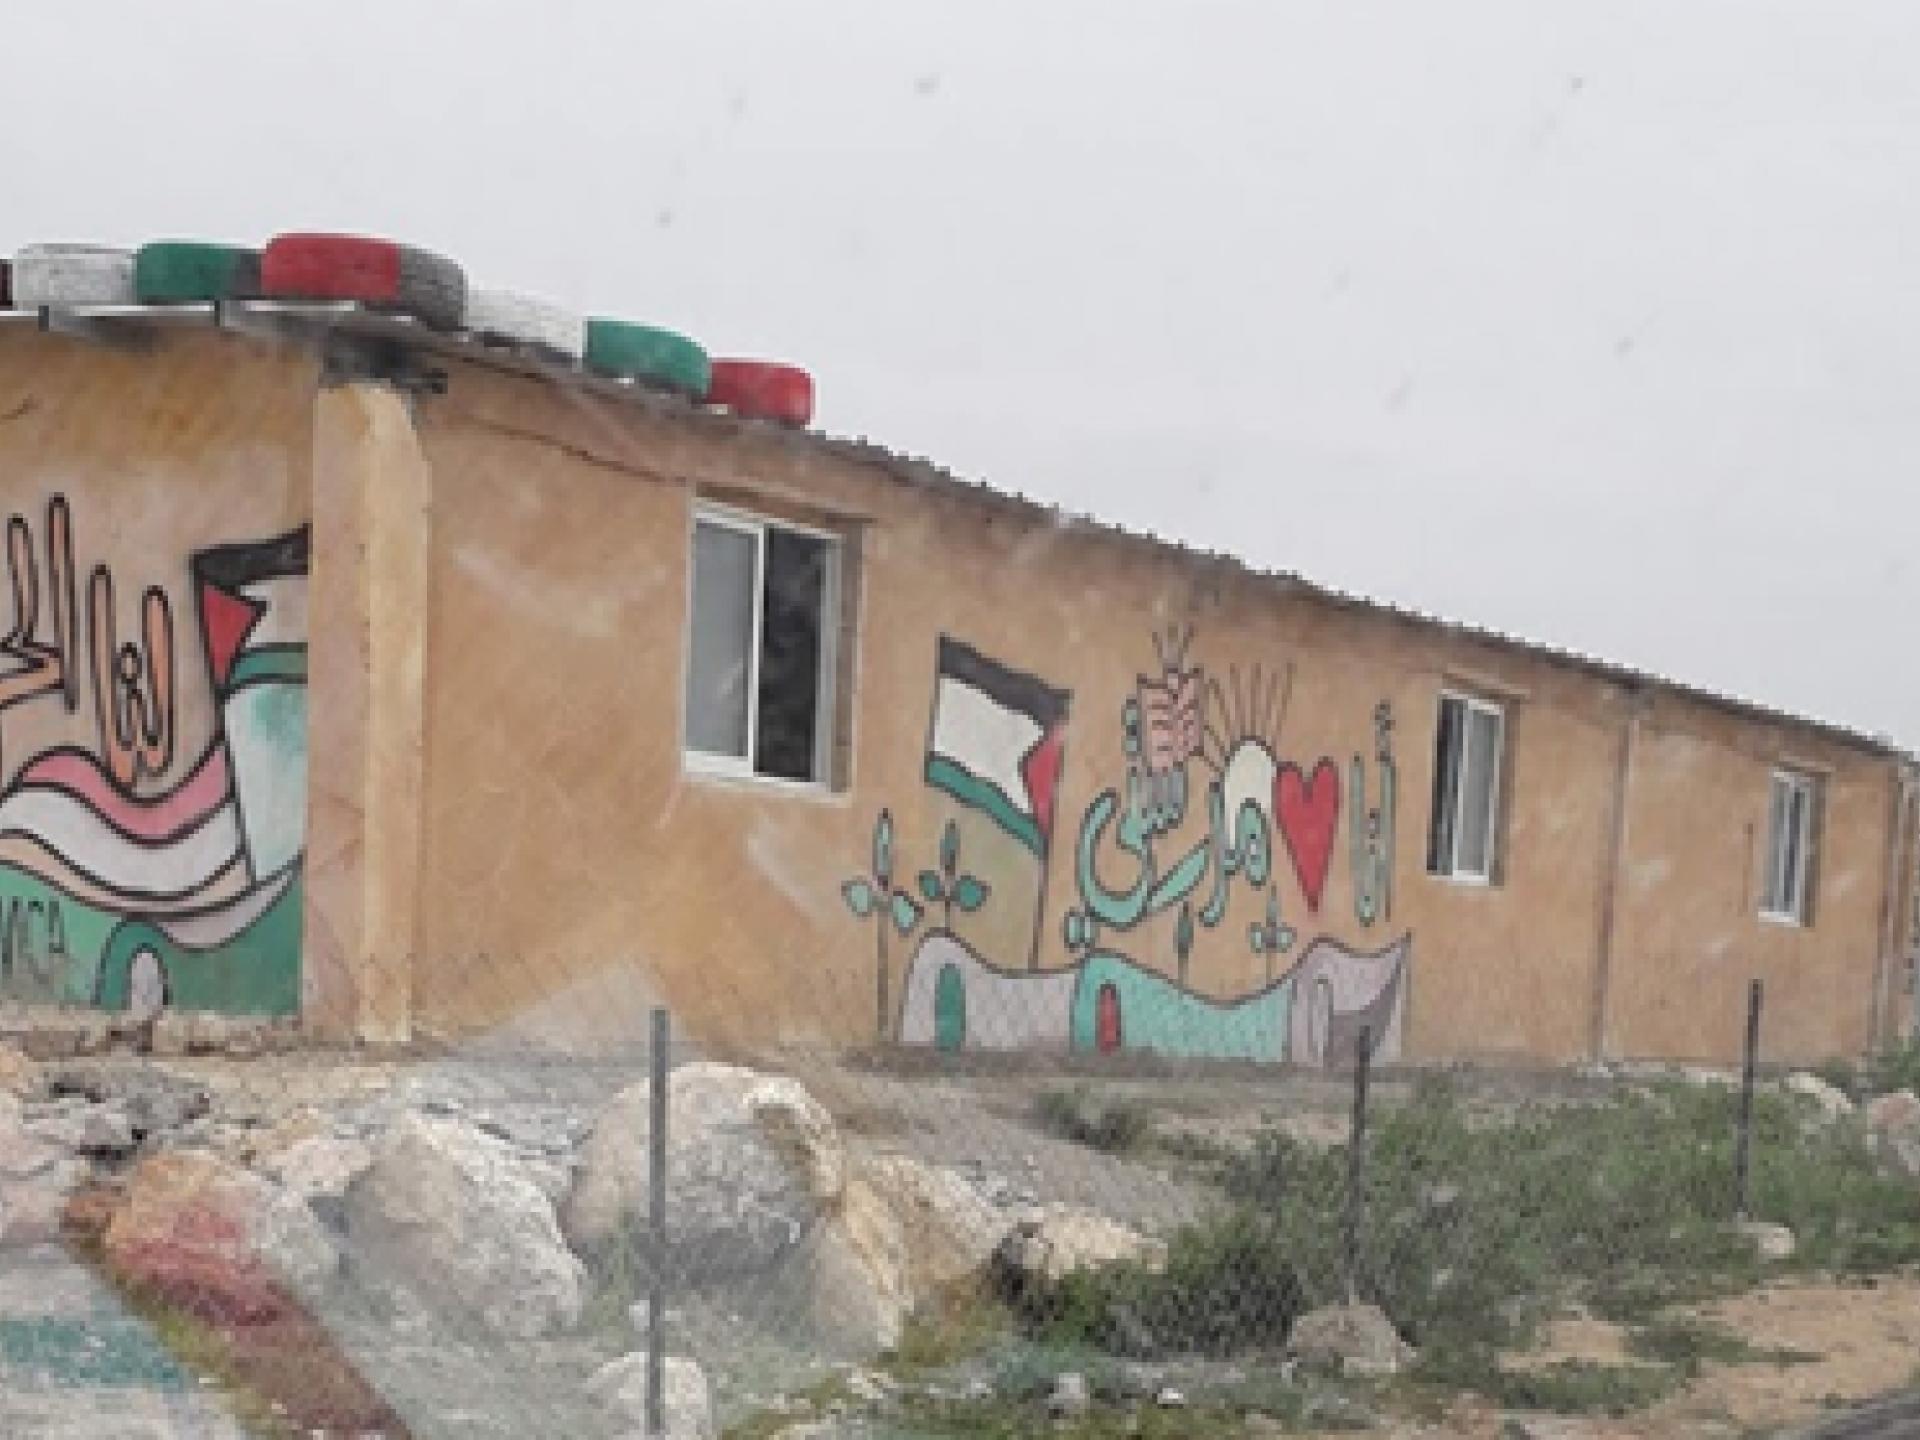 The school in Zeituna